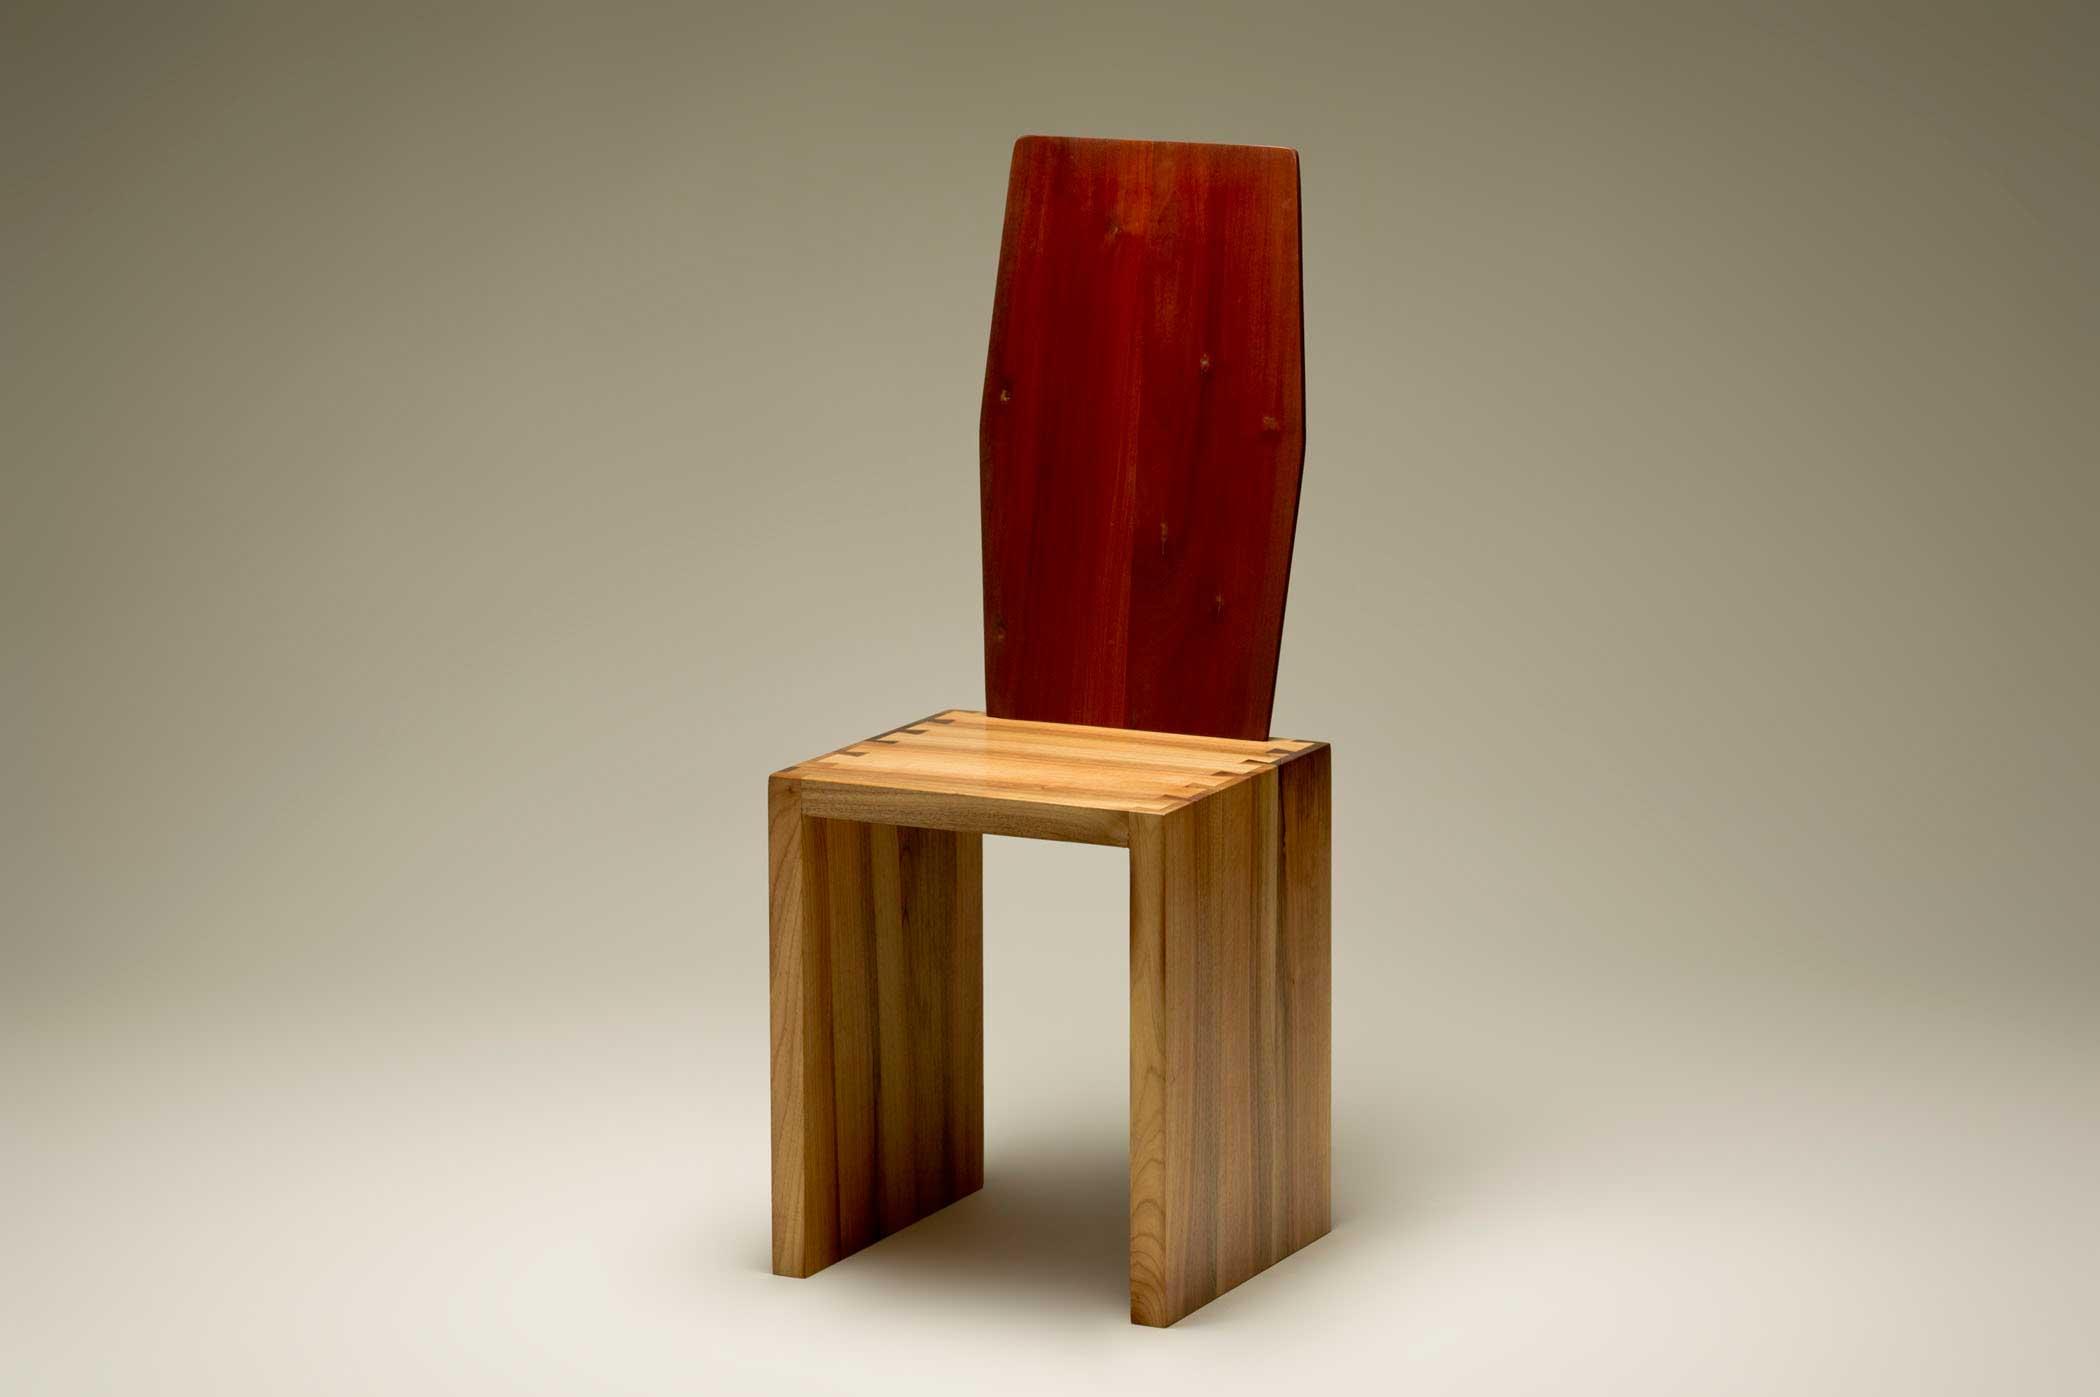 Sedia artigianale di design in legno massello